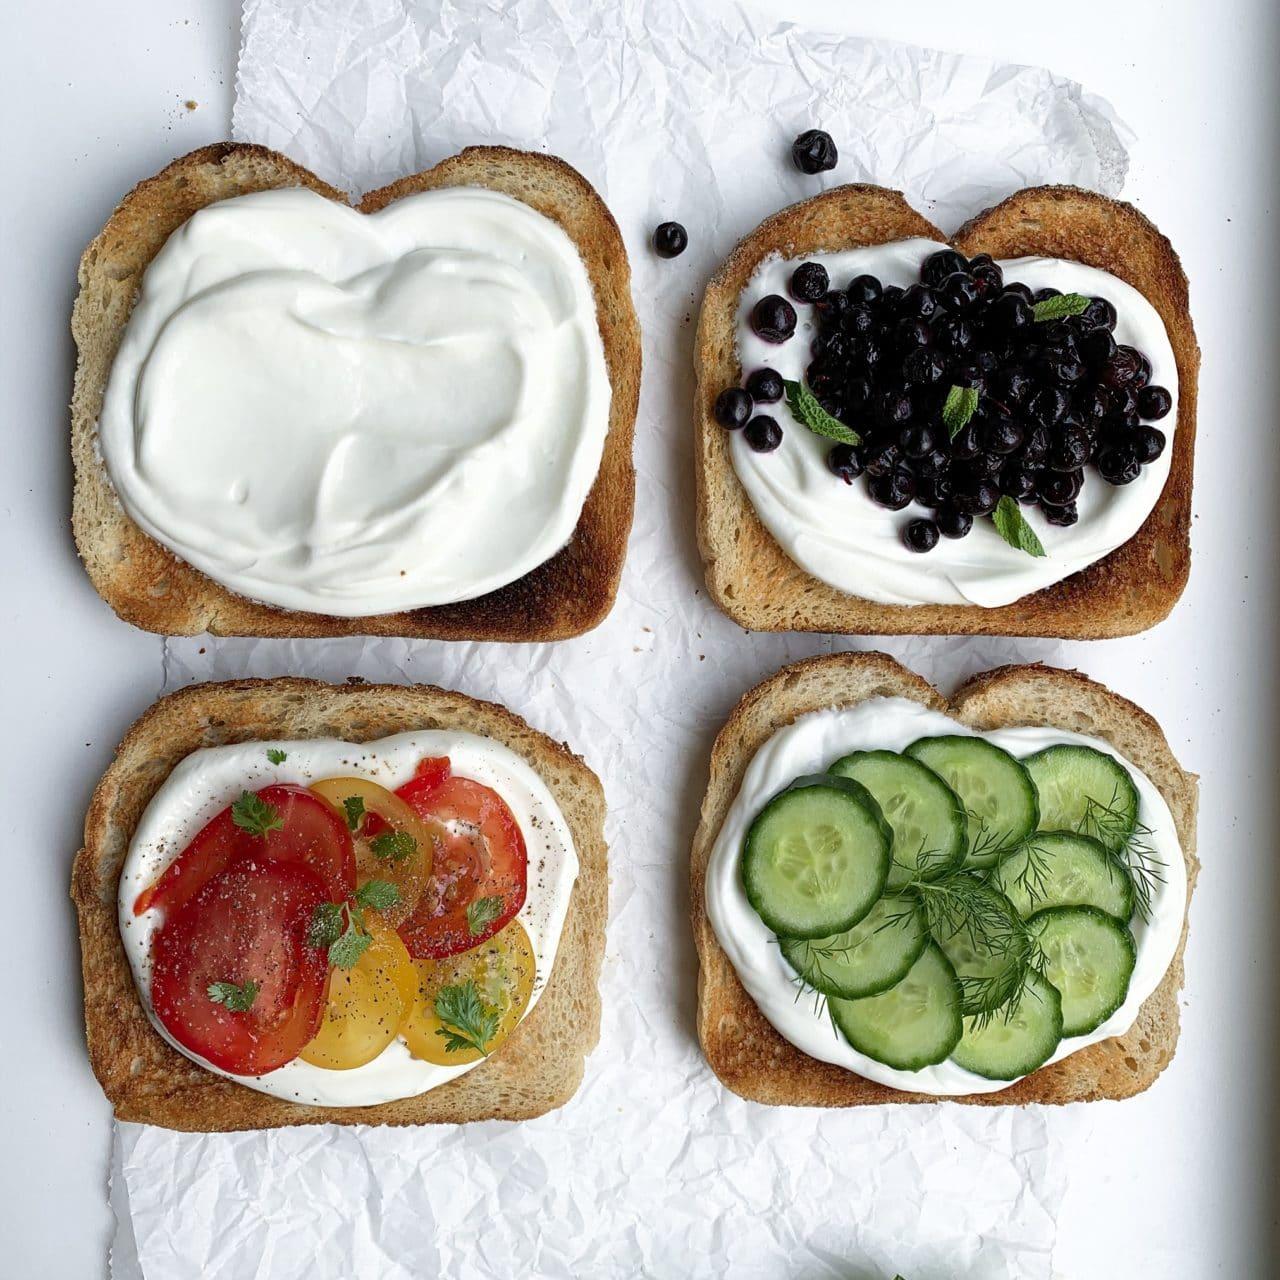 Fyra rostade bröd skivor med yoghurt som färskost. Toppad med tomater av olika fäger, blåbär och gurka.